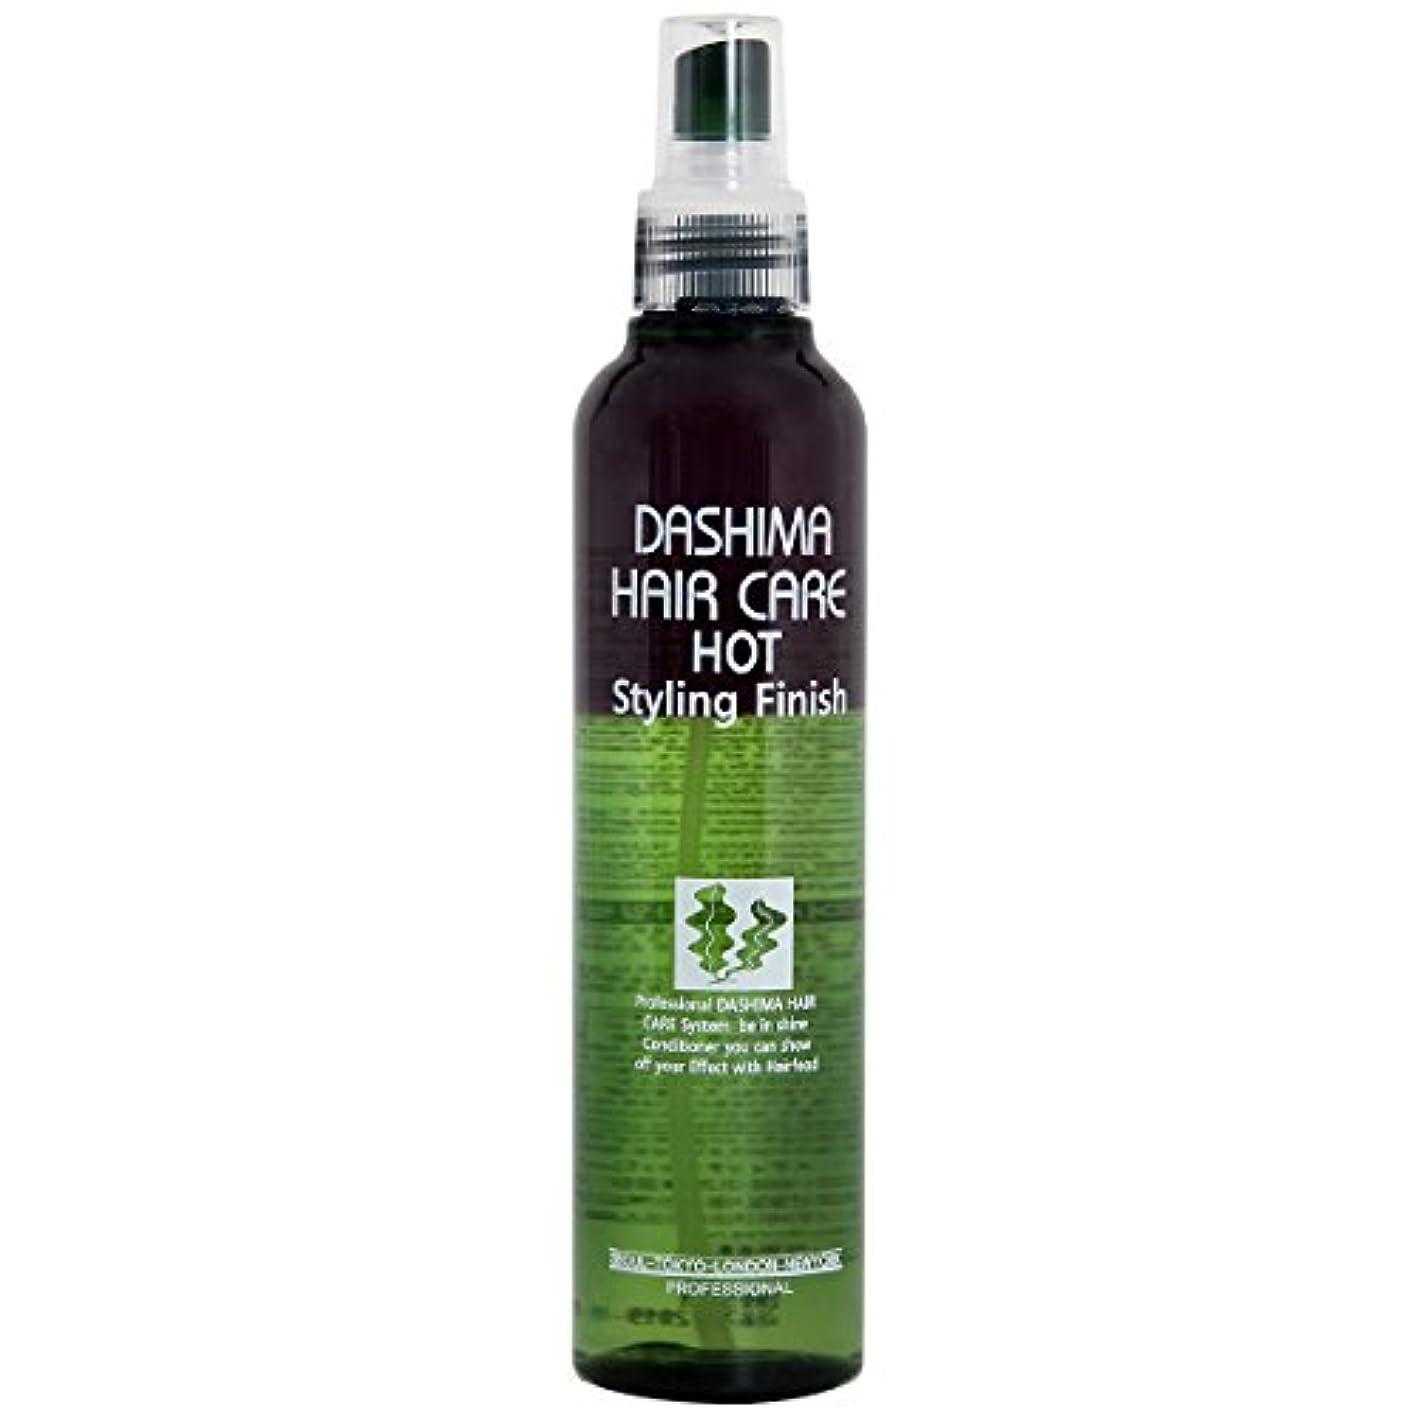 ぺディカブ目覚める管理ダシマヘアケアハッスタイルリングピニスィ250ml(DASHIMA HAIR CARE Hot Styling Finish 250ml)